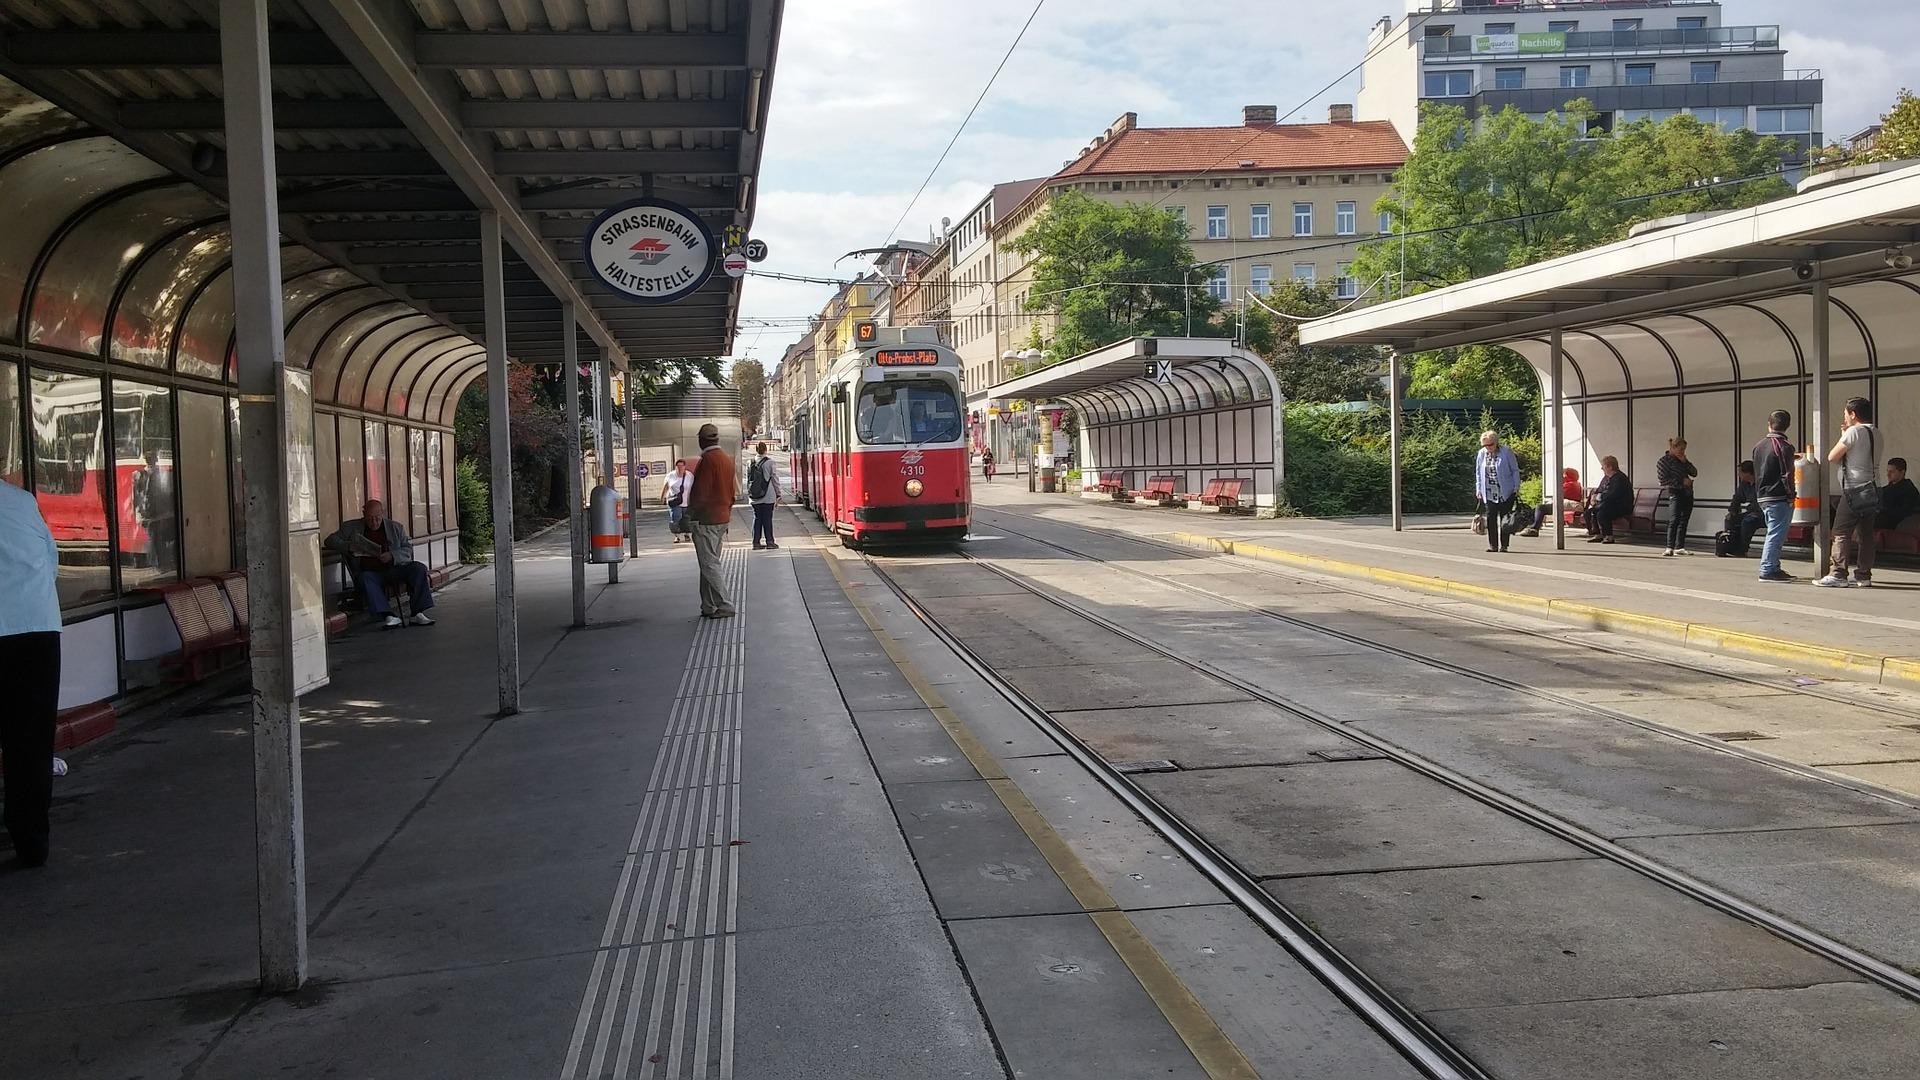 Tranvías de Viena